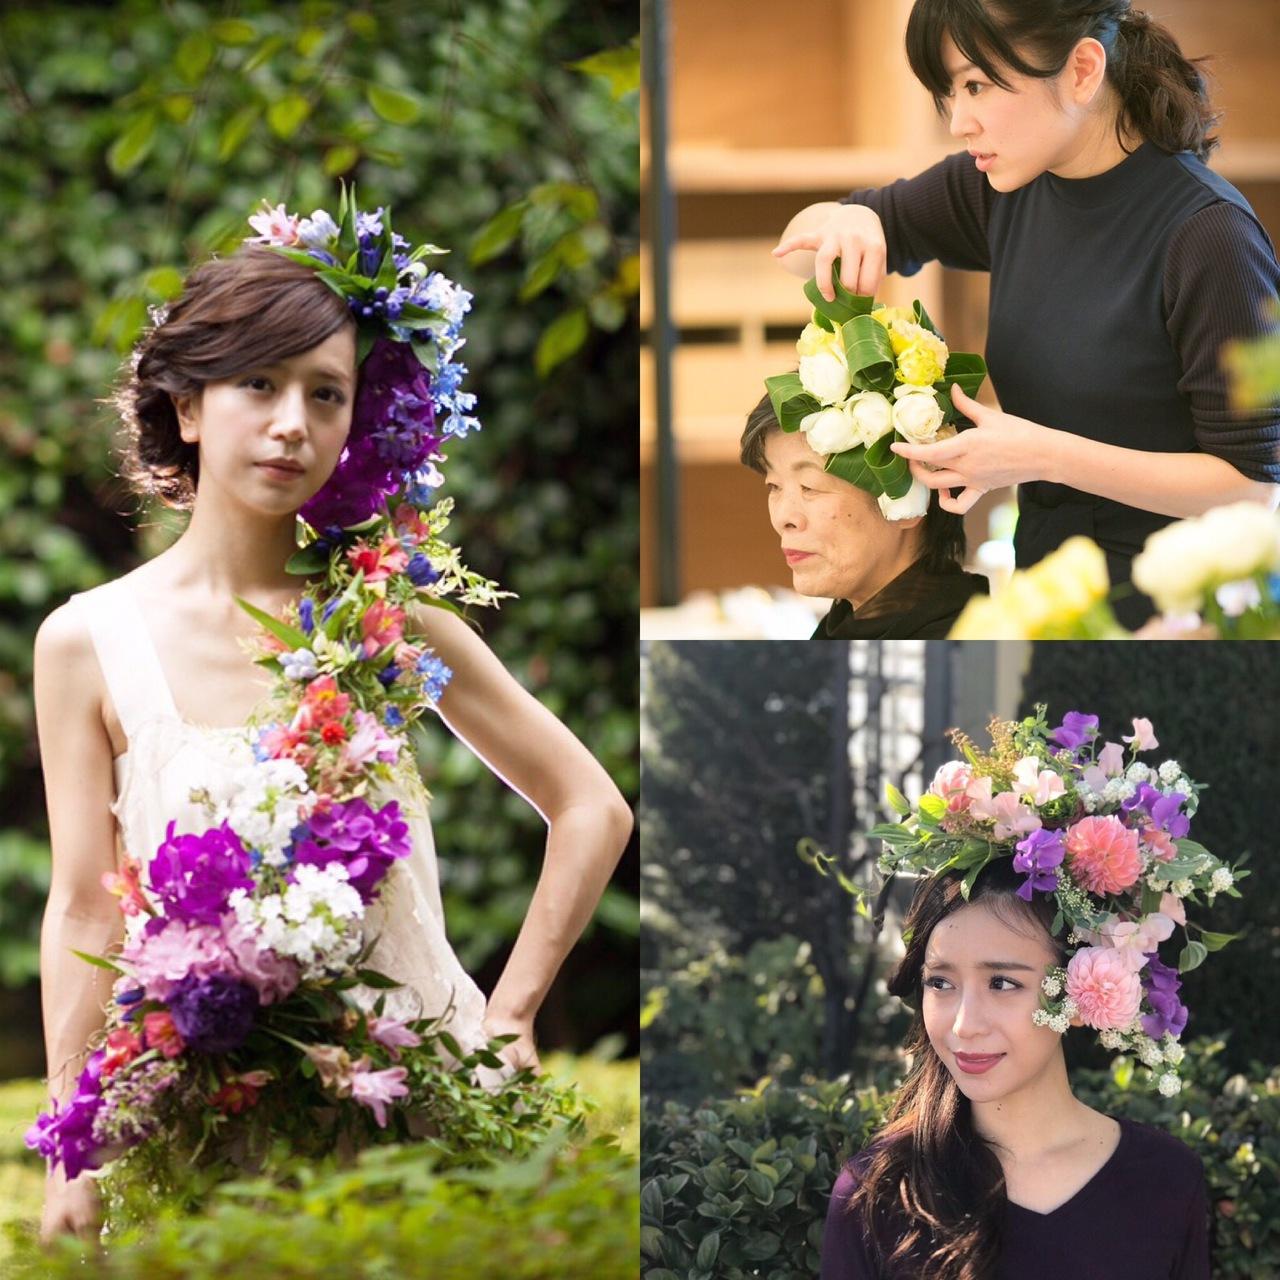 【4月14日開催】ヘッド&ボディも選べる4月の花衣撮影体験会